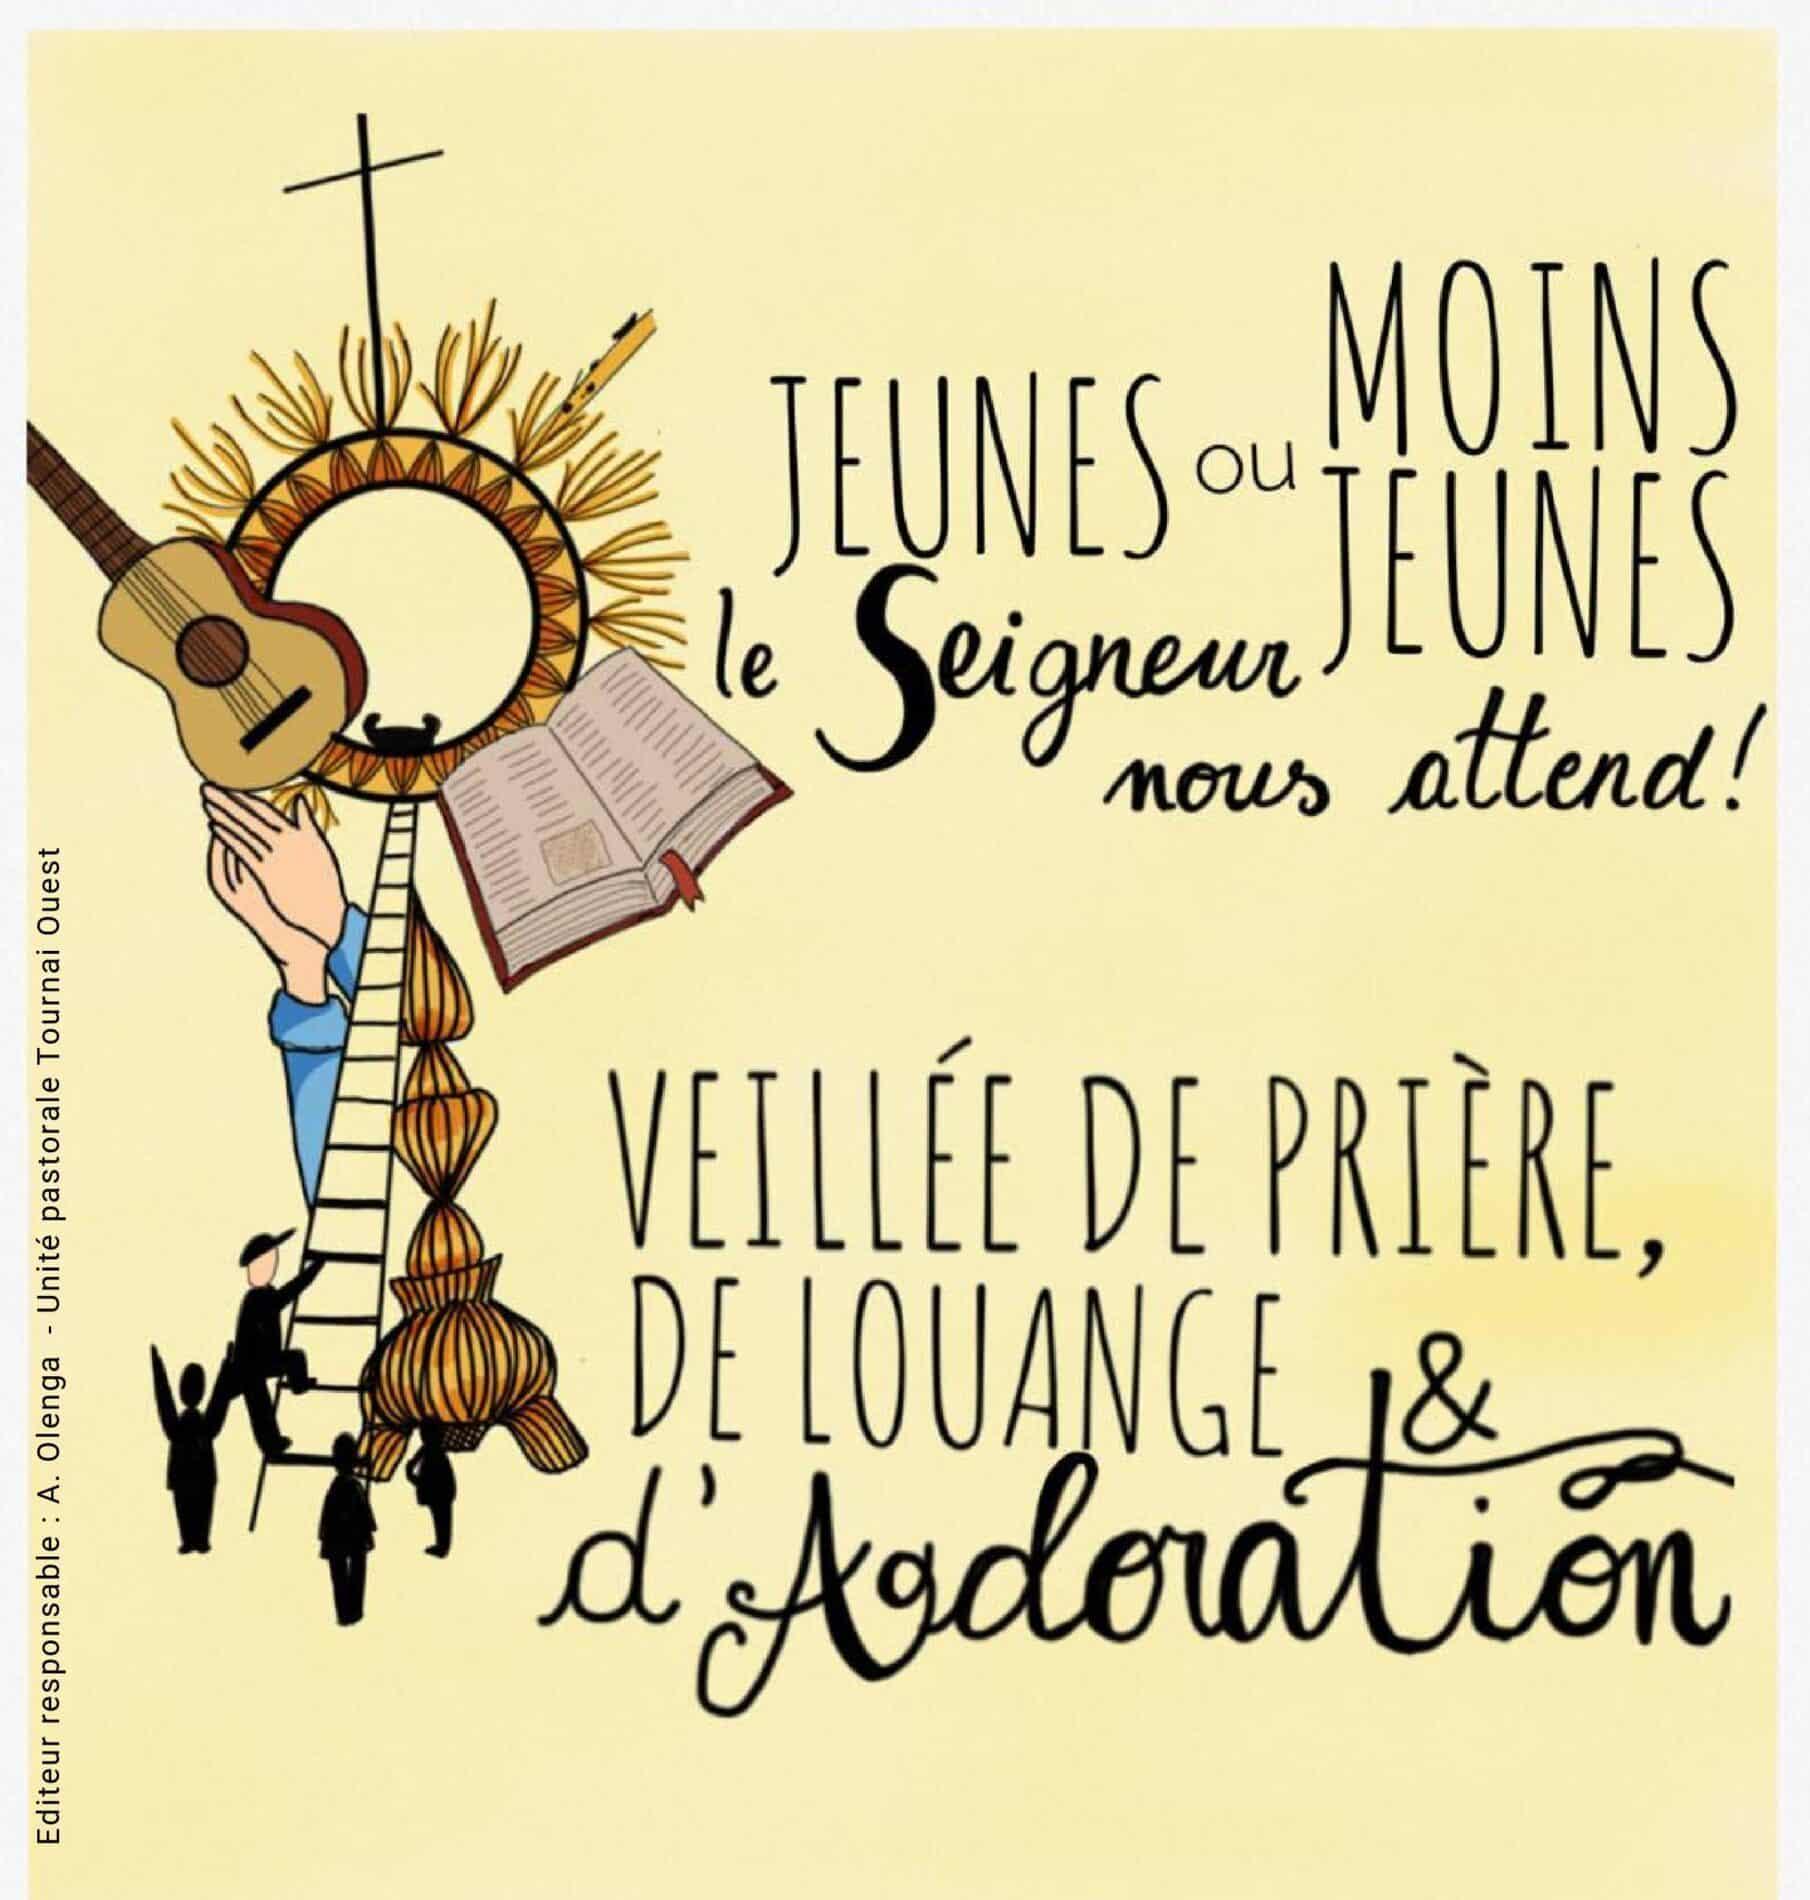 You are currently viewing Mercredi 14 octobre première veillée de prière à Marquain